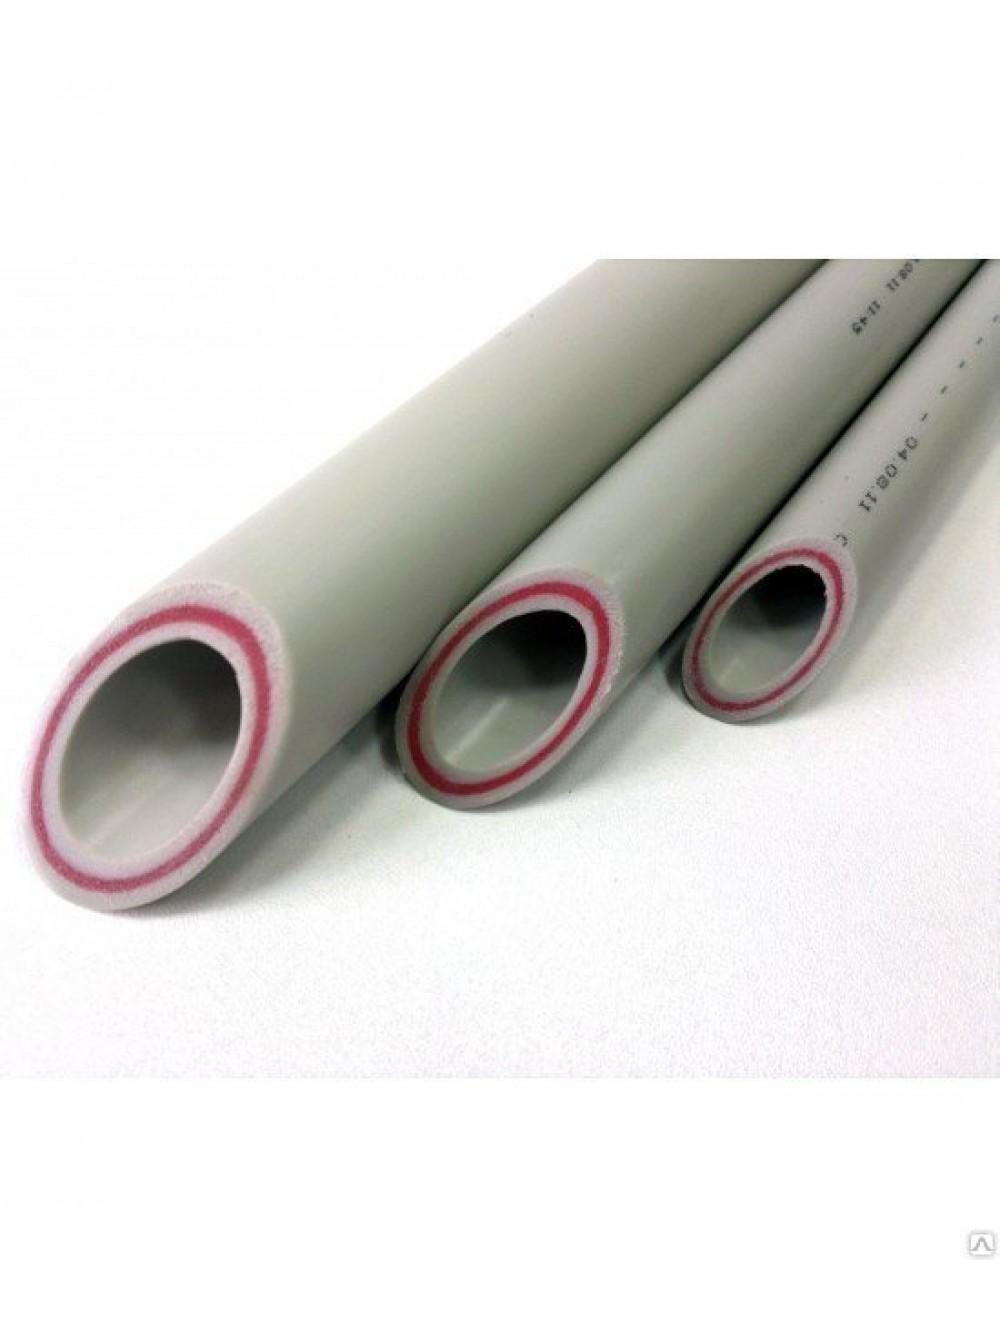 Труба ппр стекловолокно Valfex (Pn25) ф32 (60) СЕРАЯ - Полипропиленовые трубы